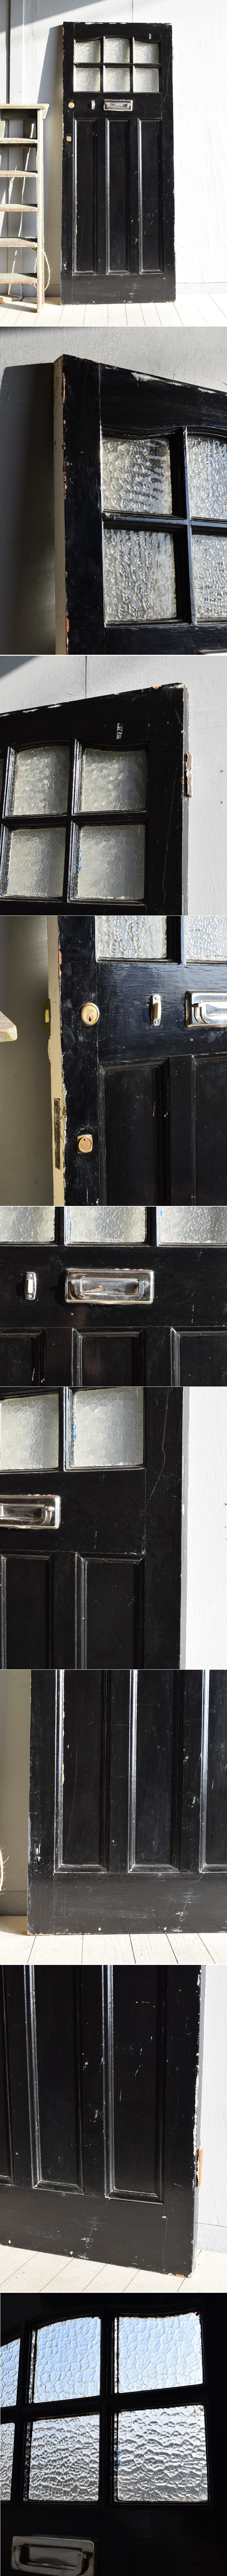 イギリス アンティーク ガラス ドア 扉 ディスプレイ 建具 7873